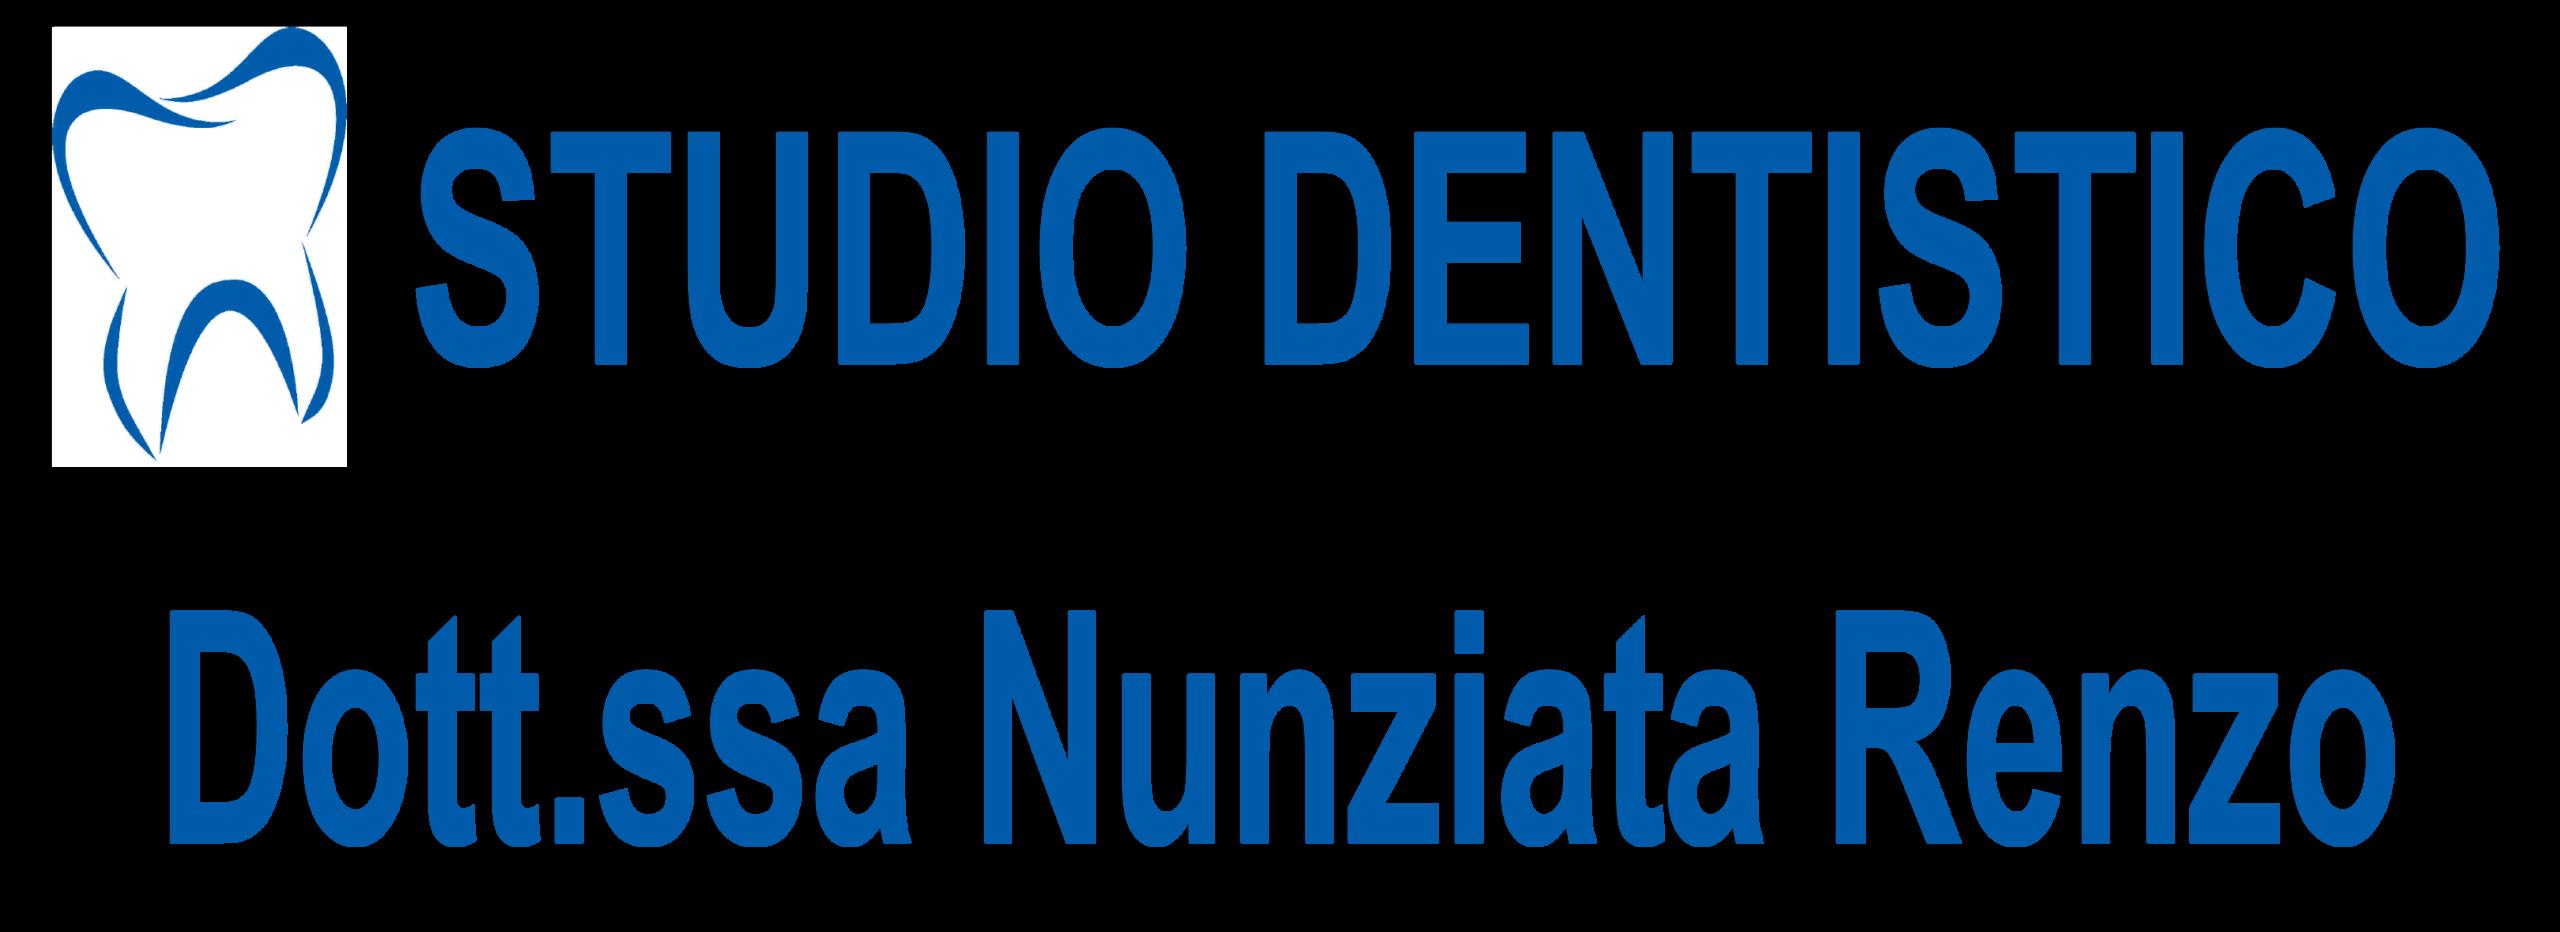 Studio Dentistico Renzo